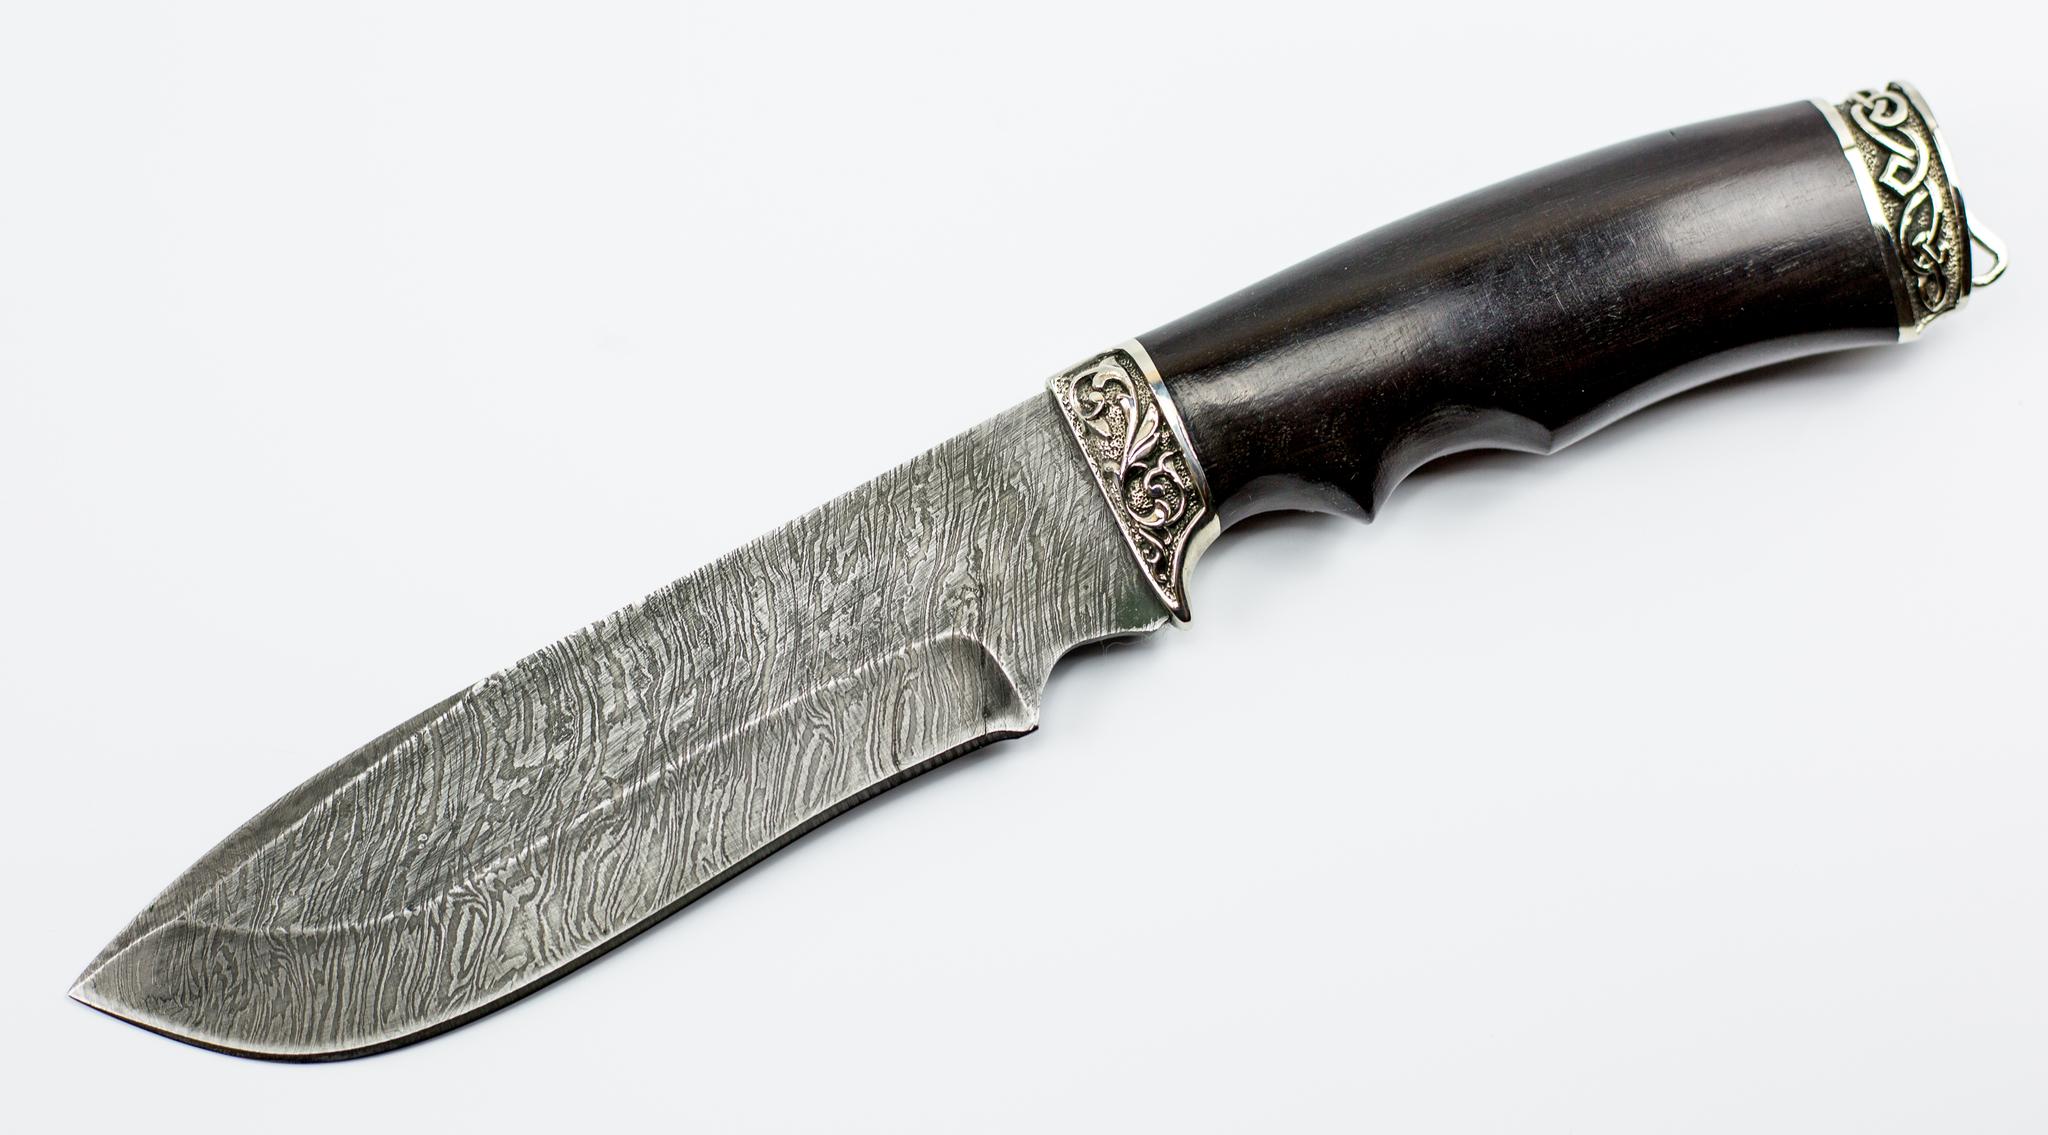 Нож Тигр, дамасская стальНожи Павлово<br>Универсальный туристический нож.<br>